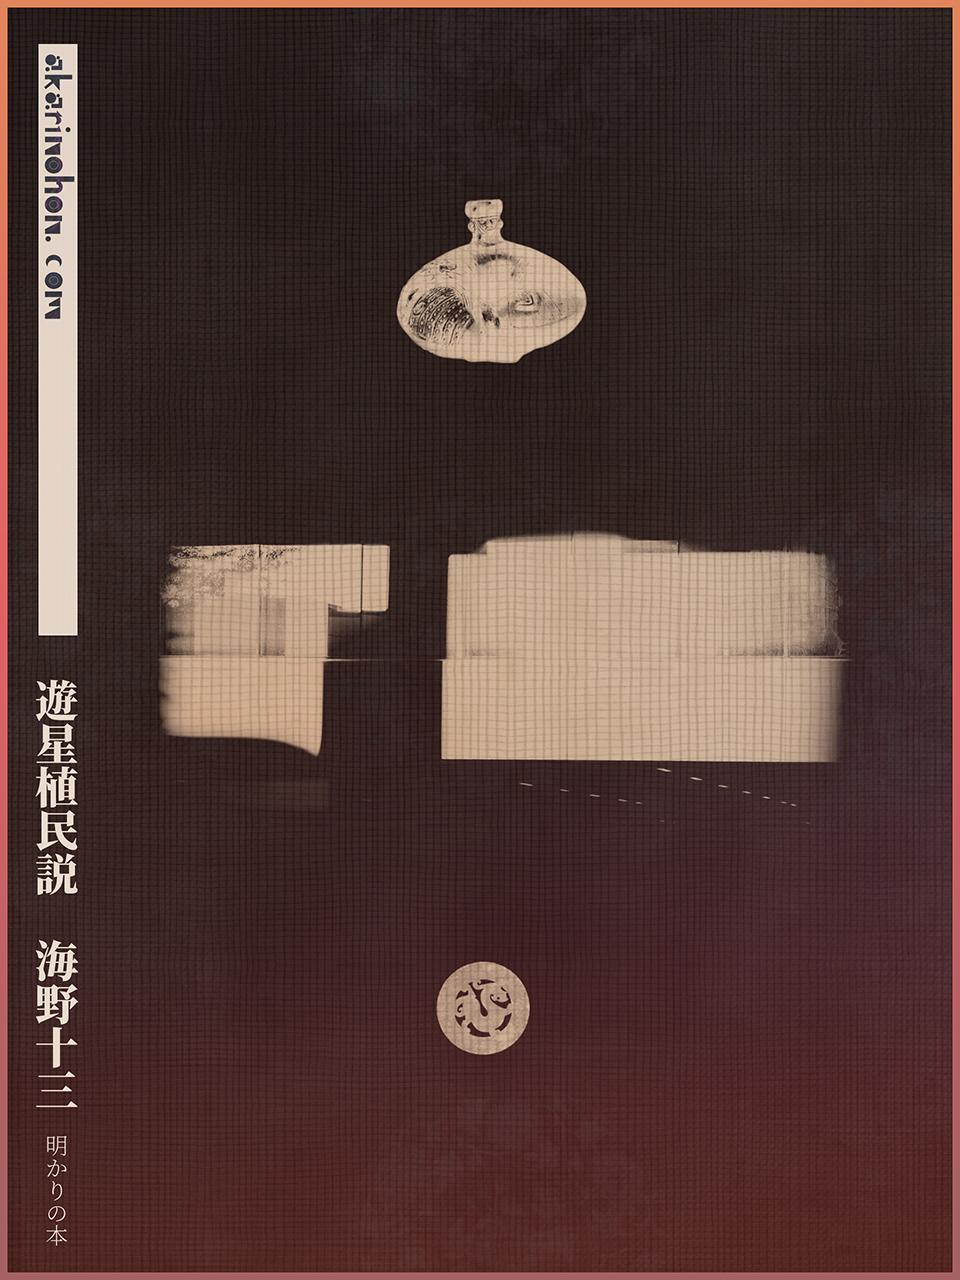 0000 - 遊星植民説 海野十三